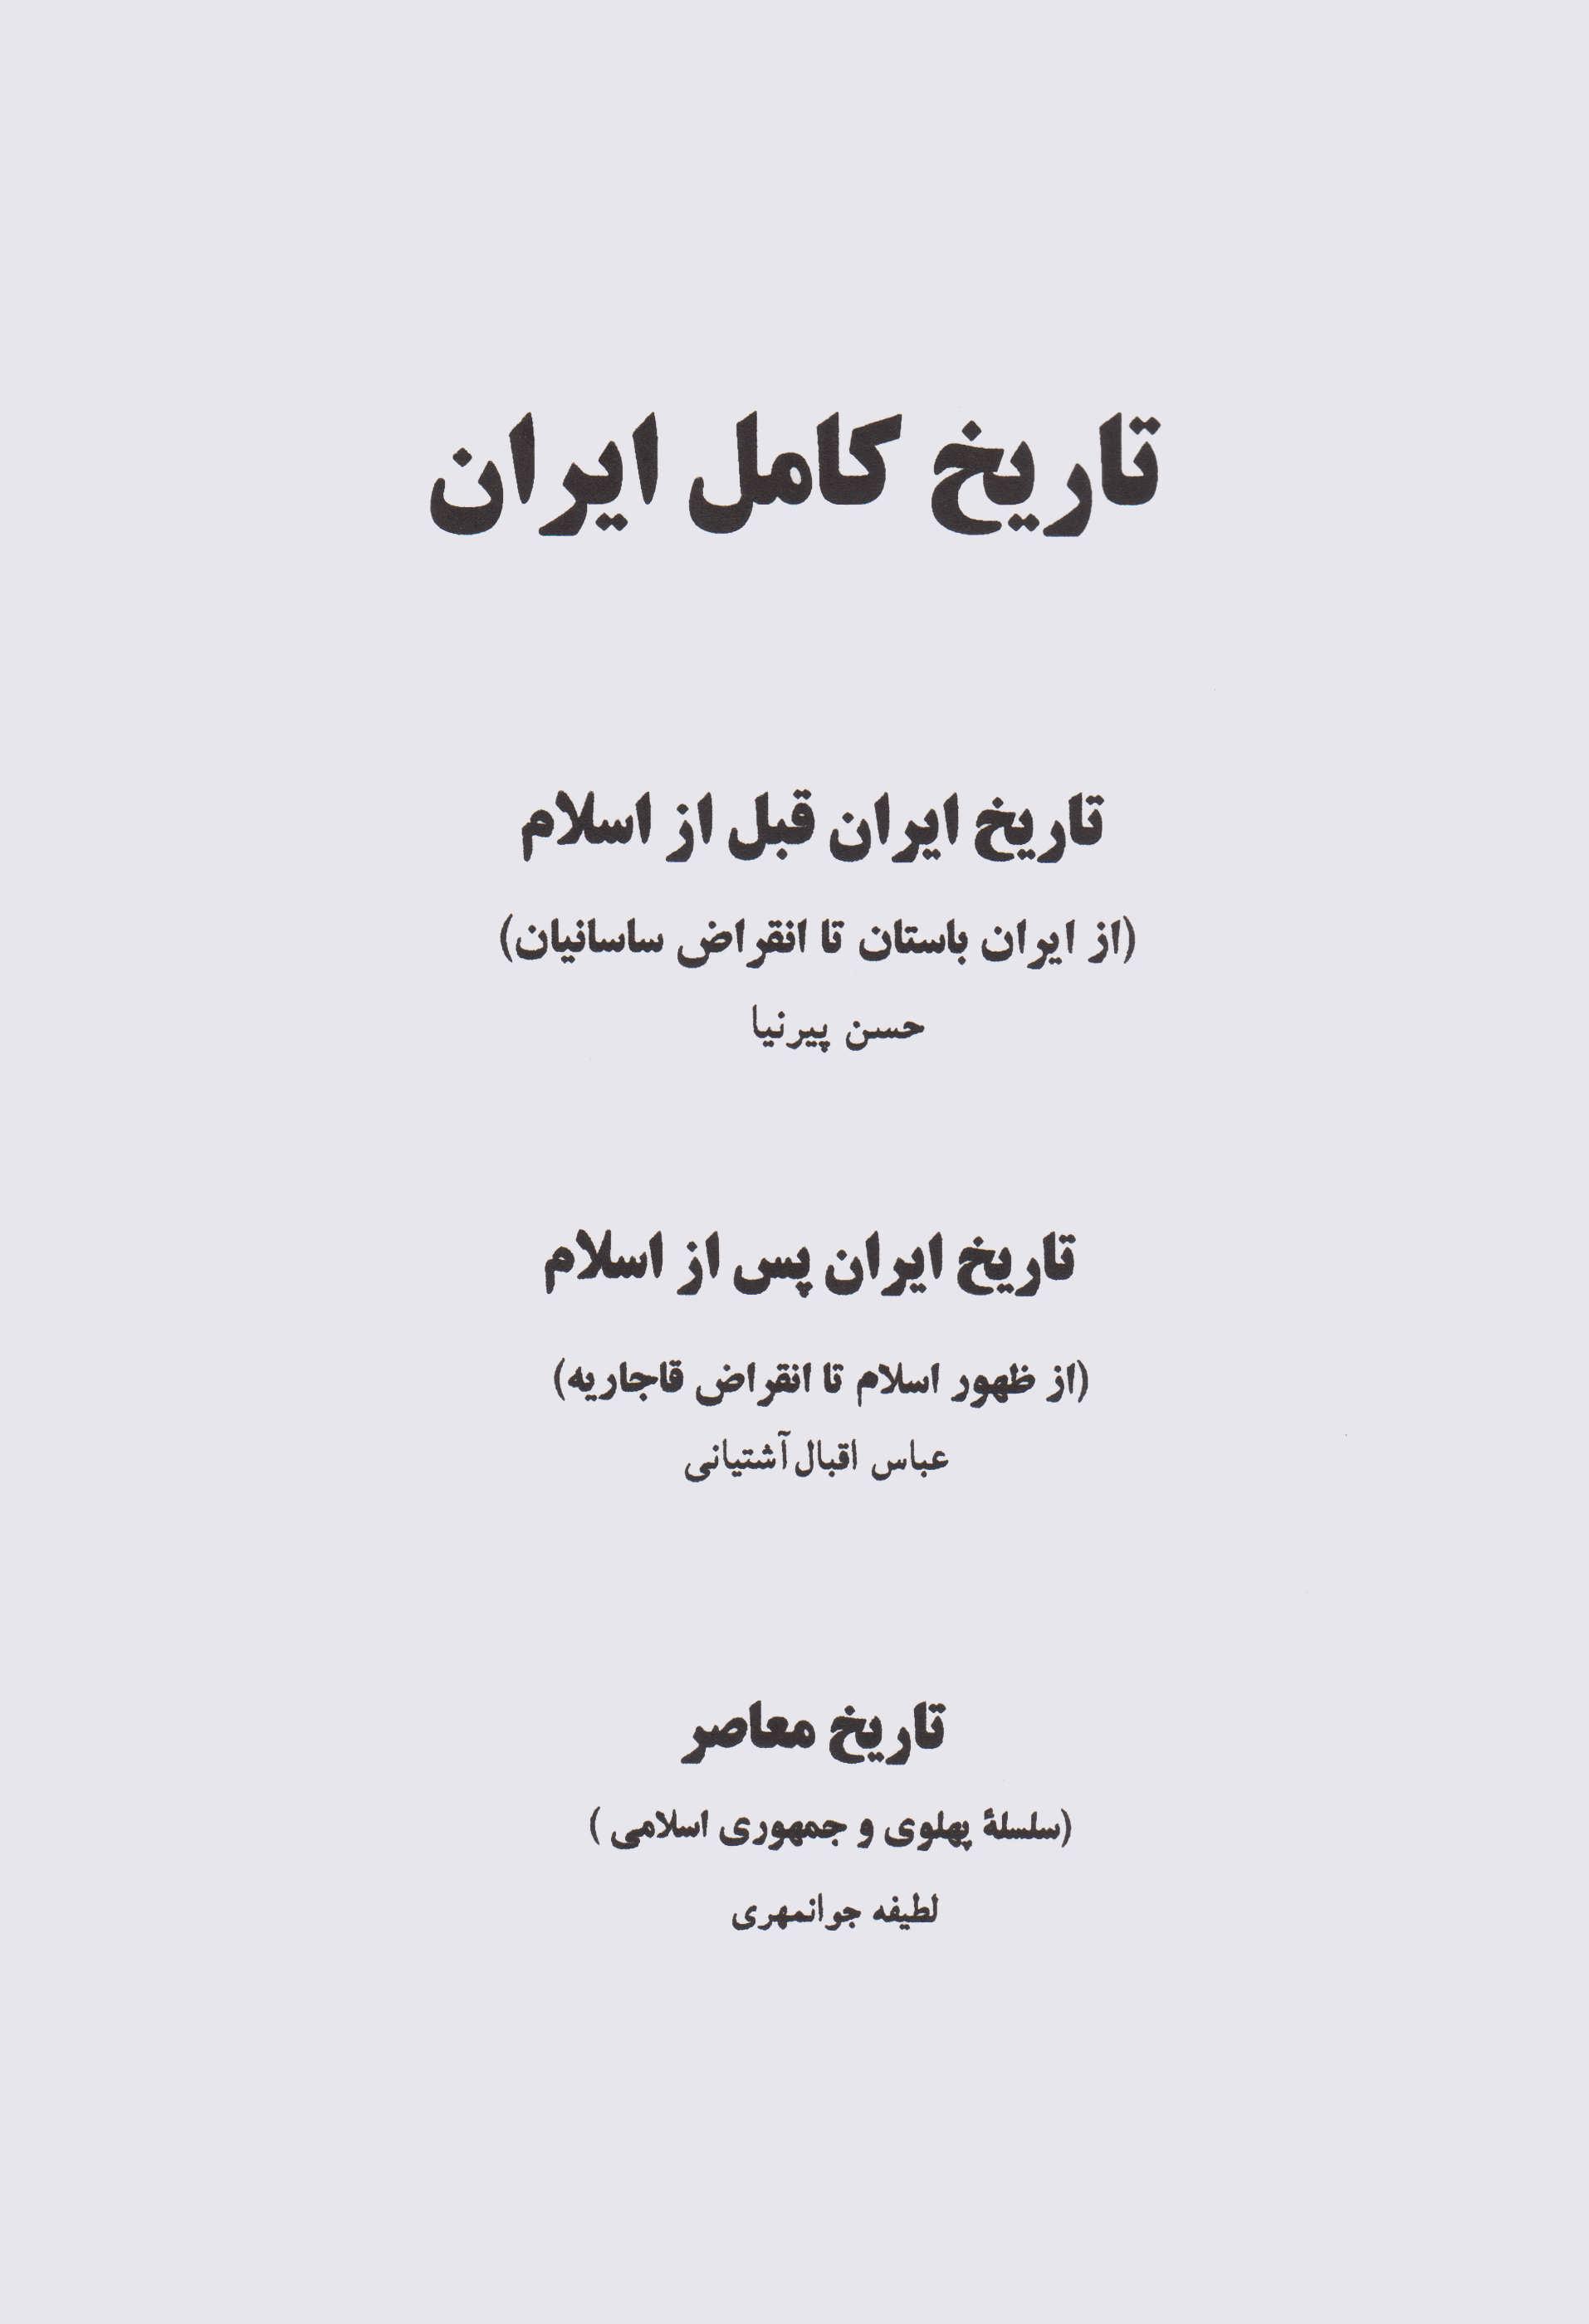 تاریخ کامل ایران (به همراه تصاویر رنگی از آثار تاریخی)